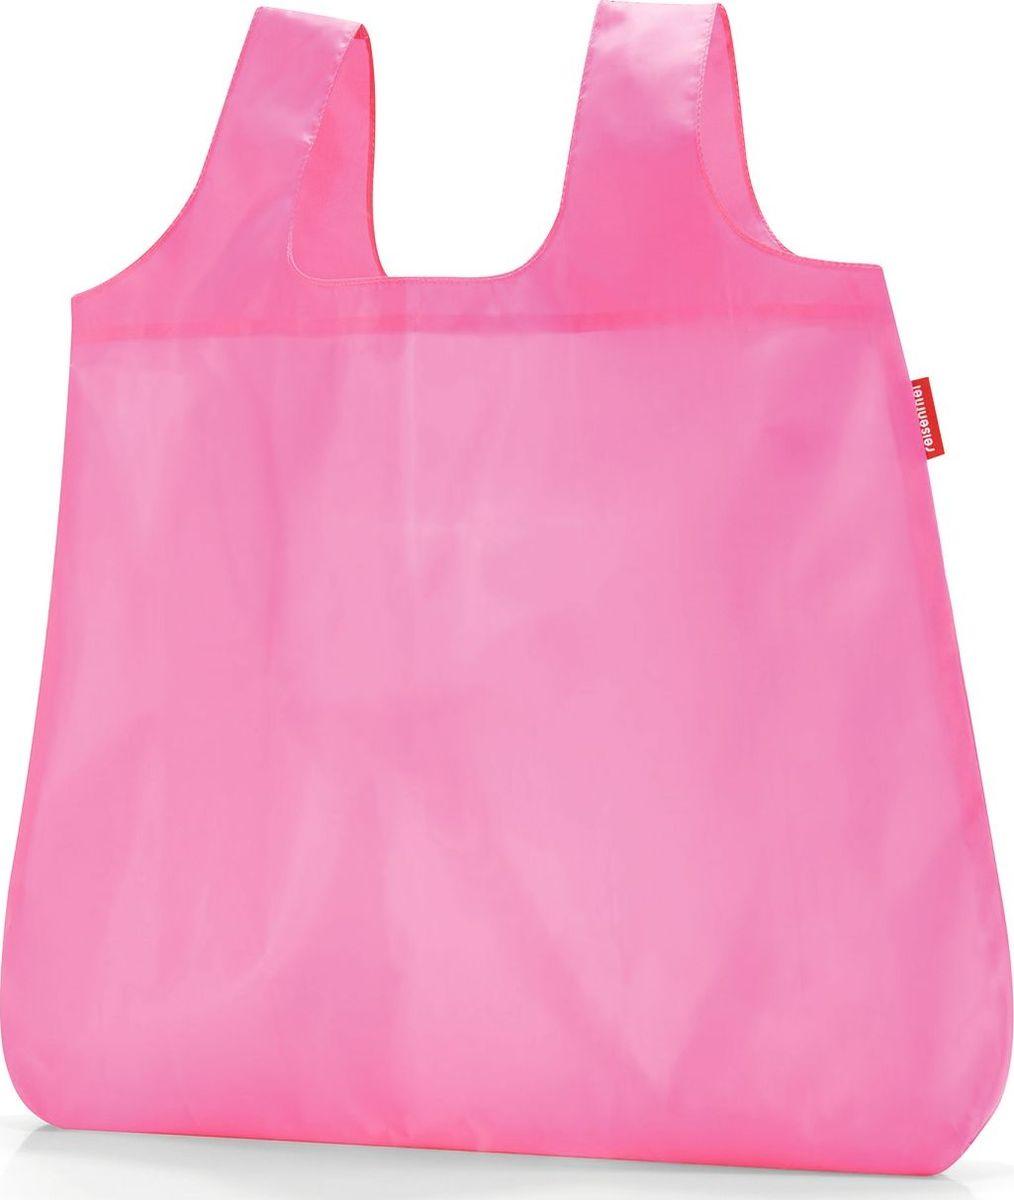 Стильная и практичная сумка Reisenthel для походов по магазинам. Экологичная альтернатива одноразовым пакетам. Компактно складываться в небольшой чехольчик и может поместиться даже в карман. У чехла есть карабин, что позволяет прикрепить его к сумке или рюкзаку. Вместительная и прочная сумка будет всегда под рукой на случай непредвиденных покупок.  Размер в сложенном состоянии: 10 х 6 х 2 см. Удобные широкие лямки для переноски в руках. Объем: 15 л.